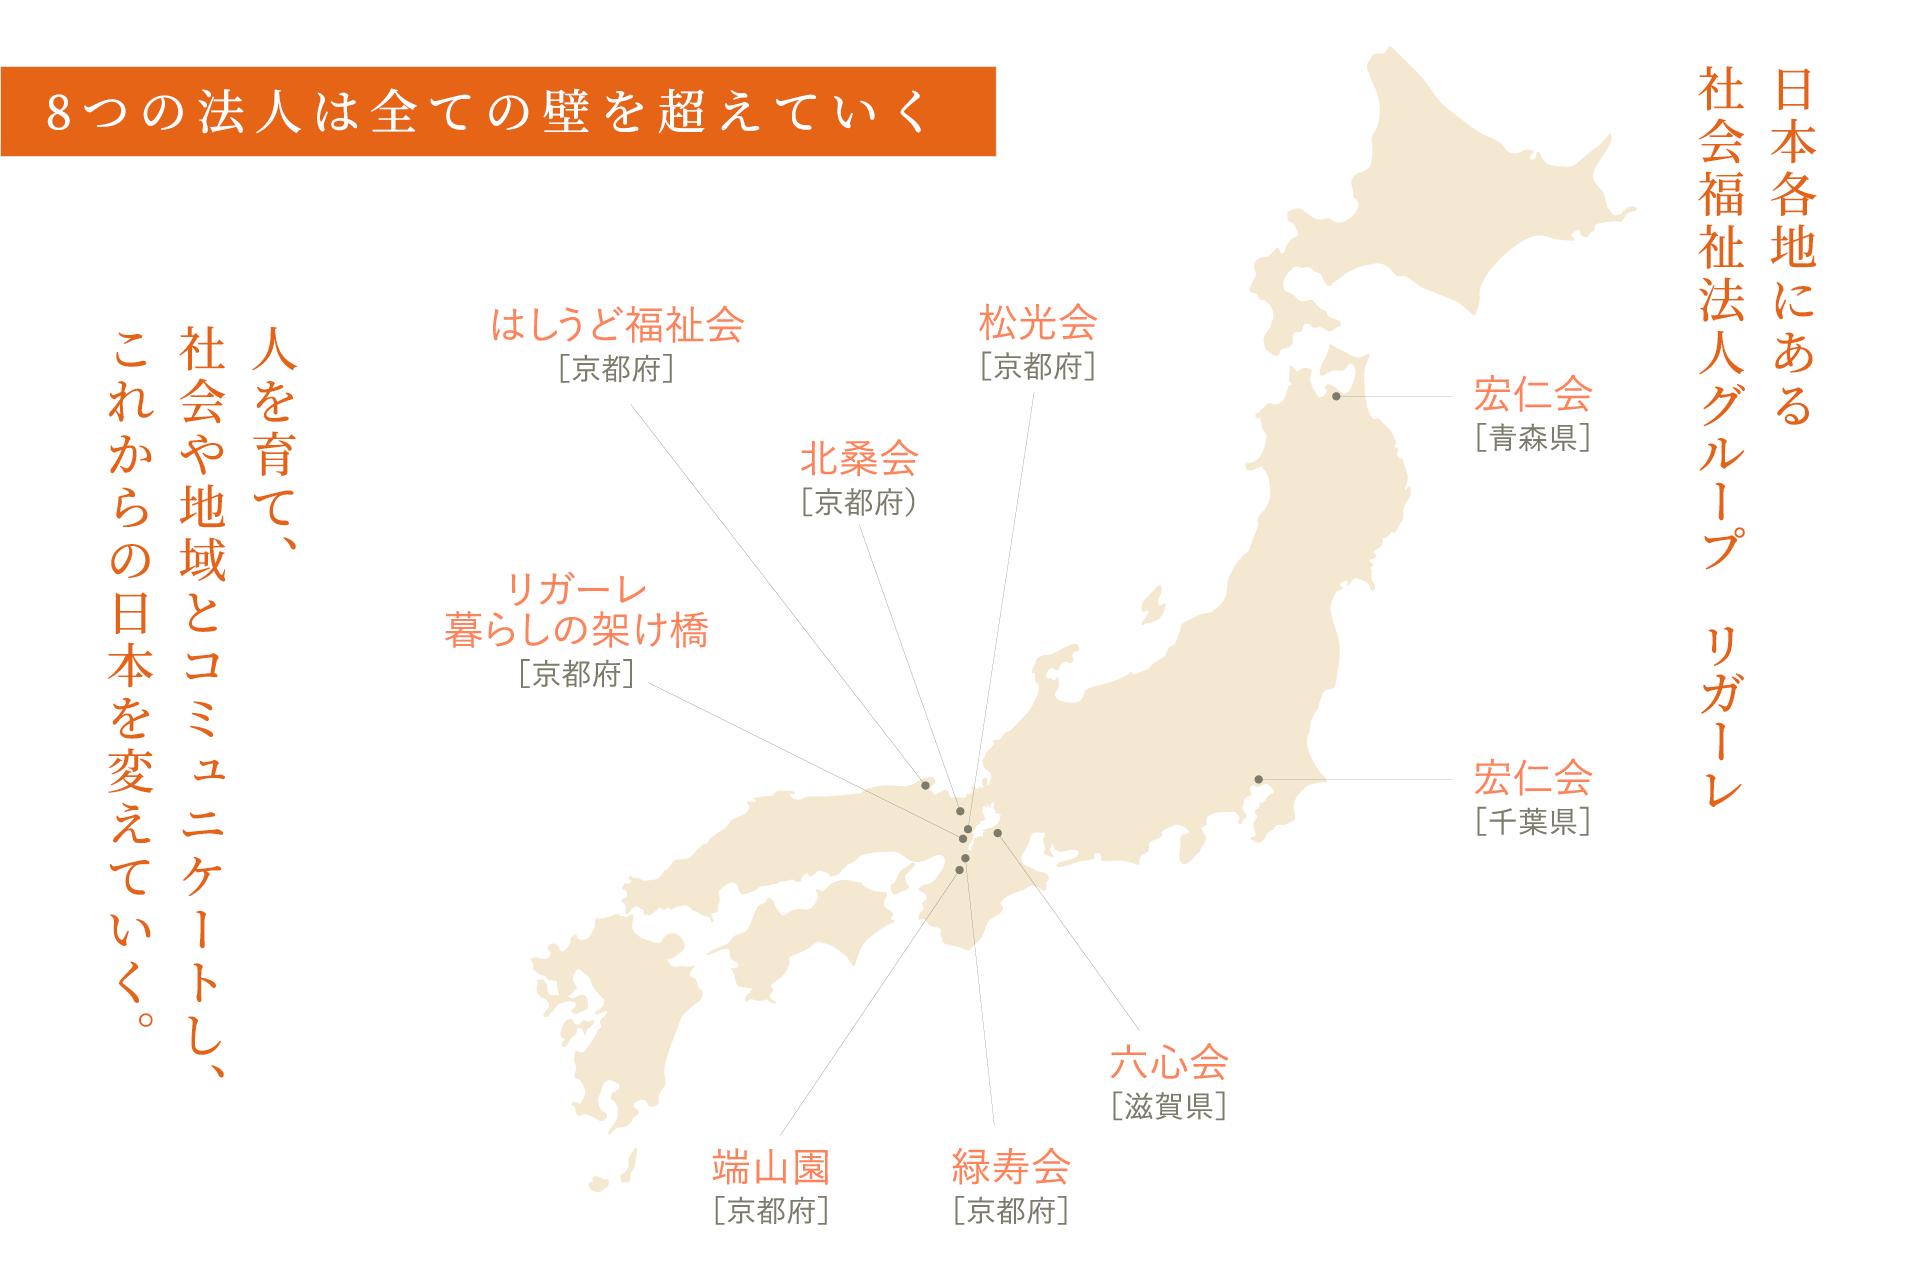 8つの法人は全ての壁を超えていく。日本各地にある社会福祉法人グループ リガーレ。人を育て、社会や地域とコミュニケートし、これからの日本を変えていく。